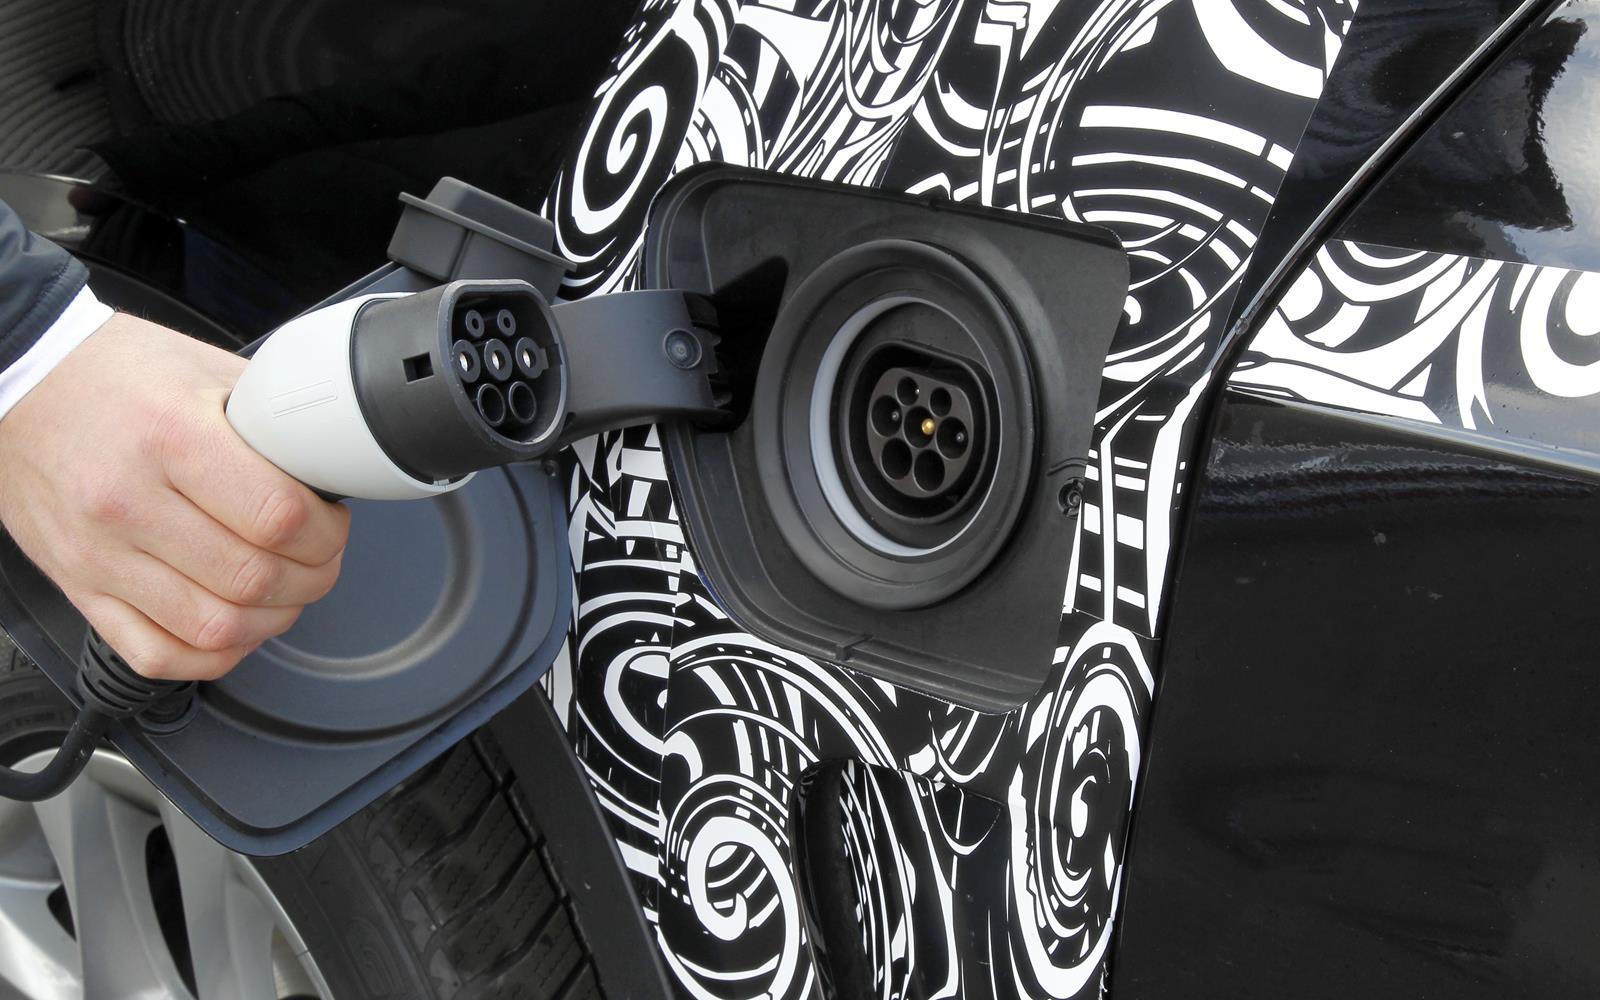 BMW X5 eDrive PHEV Prototype 2014 Plug FrontSeatDriver.co.uk